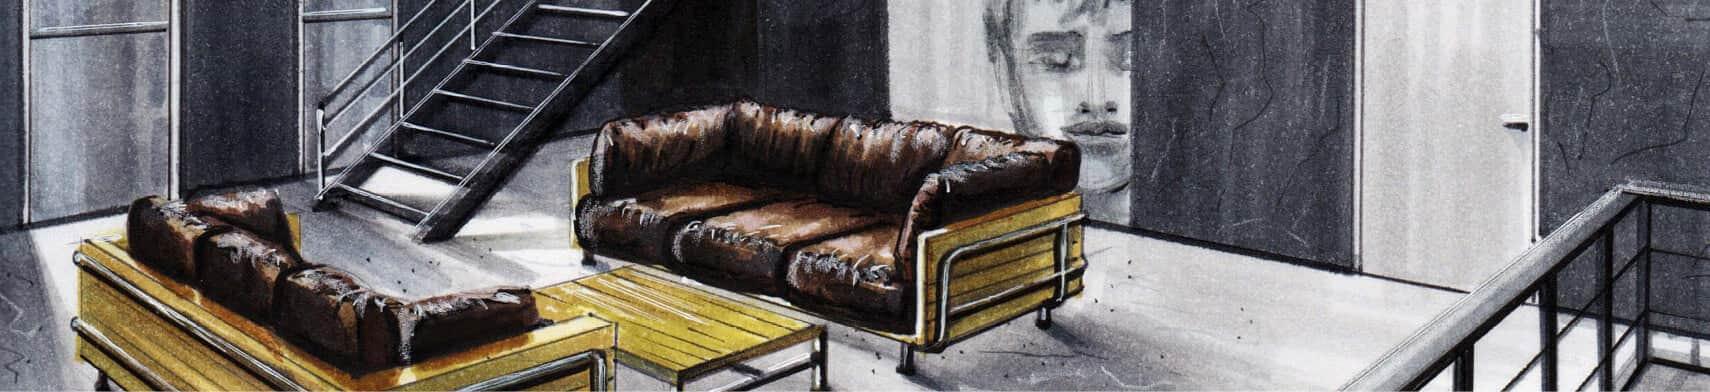 Perspectief tekening van een loft met 2 banken